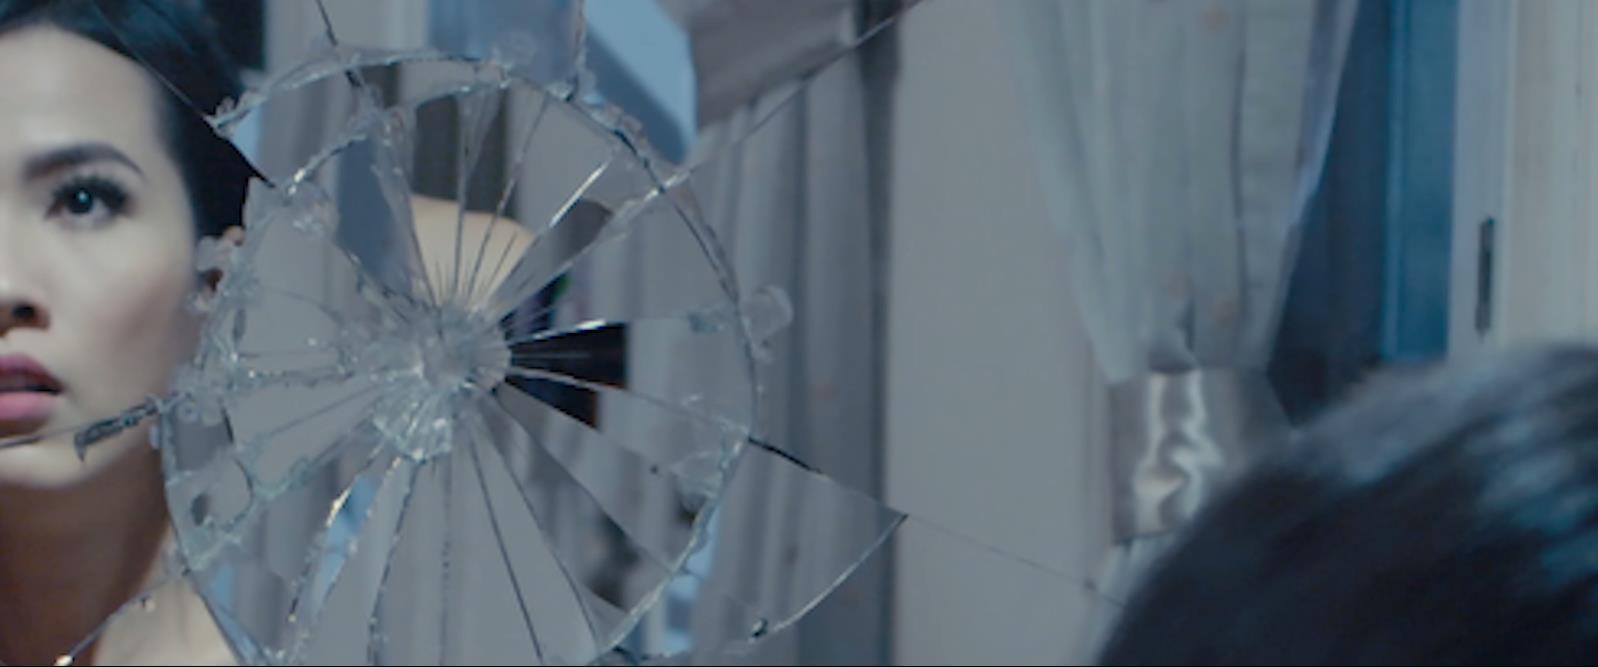 Phim Kiều @ bất ngờ tung trailer 2 đầy hồi hộp, kịch tính - Ảnh 3.